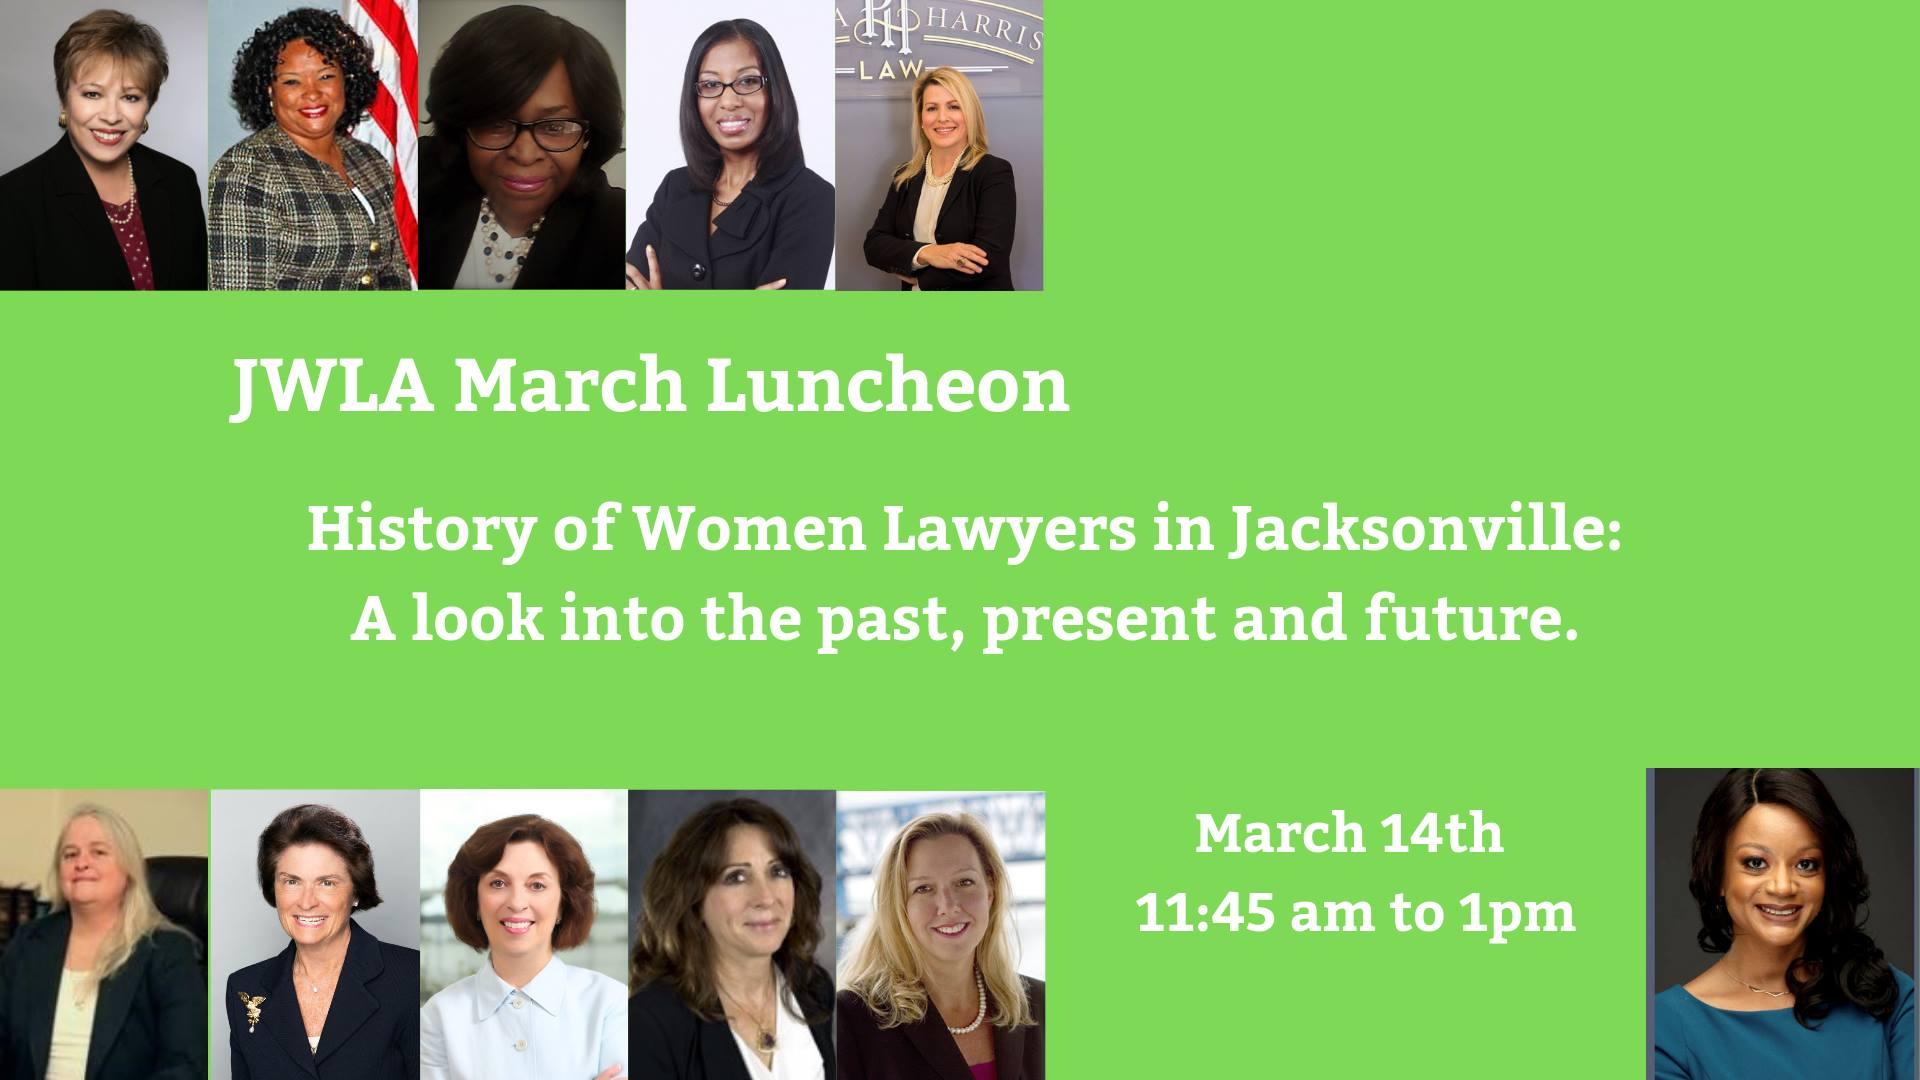 La fundadora de Parra Harris Law, Paola Parra Harris, habla en un panel de mujeres abogadas